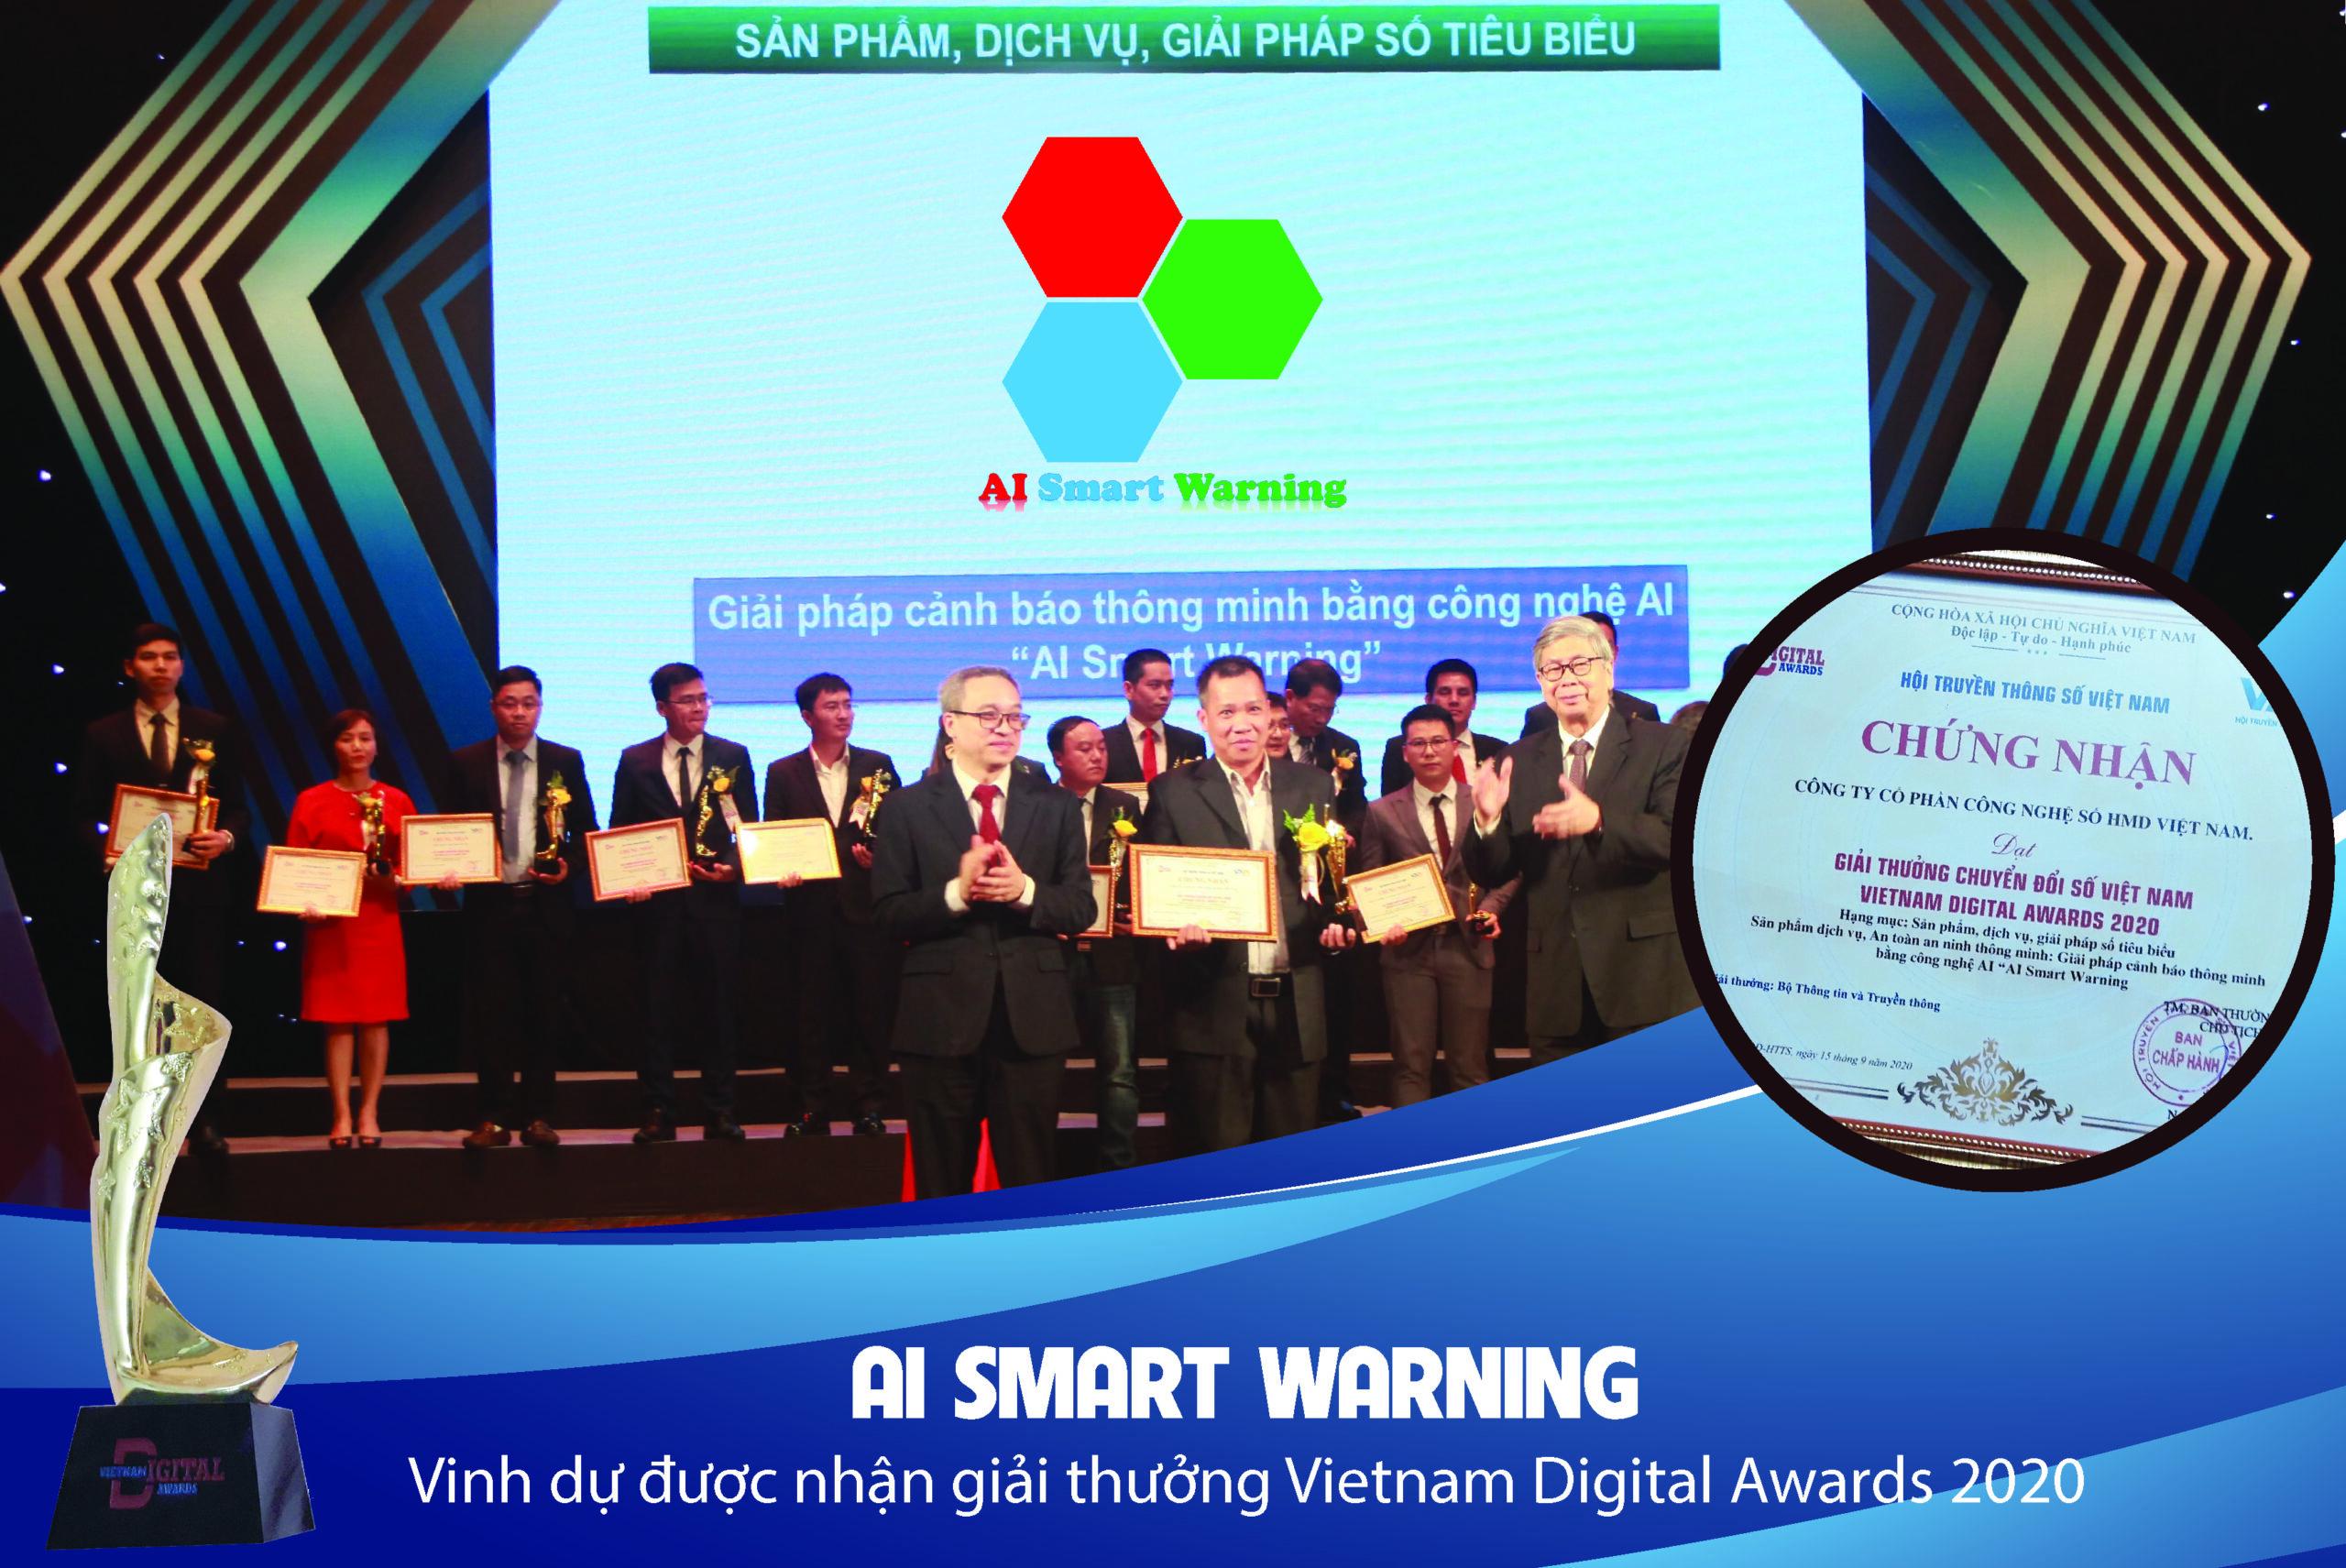 AI Smart Warning đạt giải thưởng VietNam Digital Awards 2020